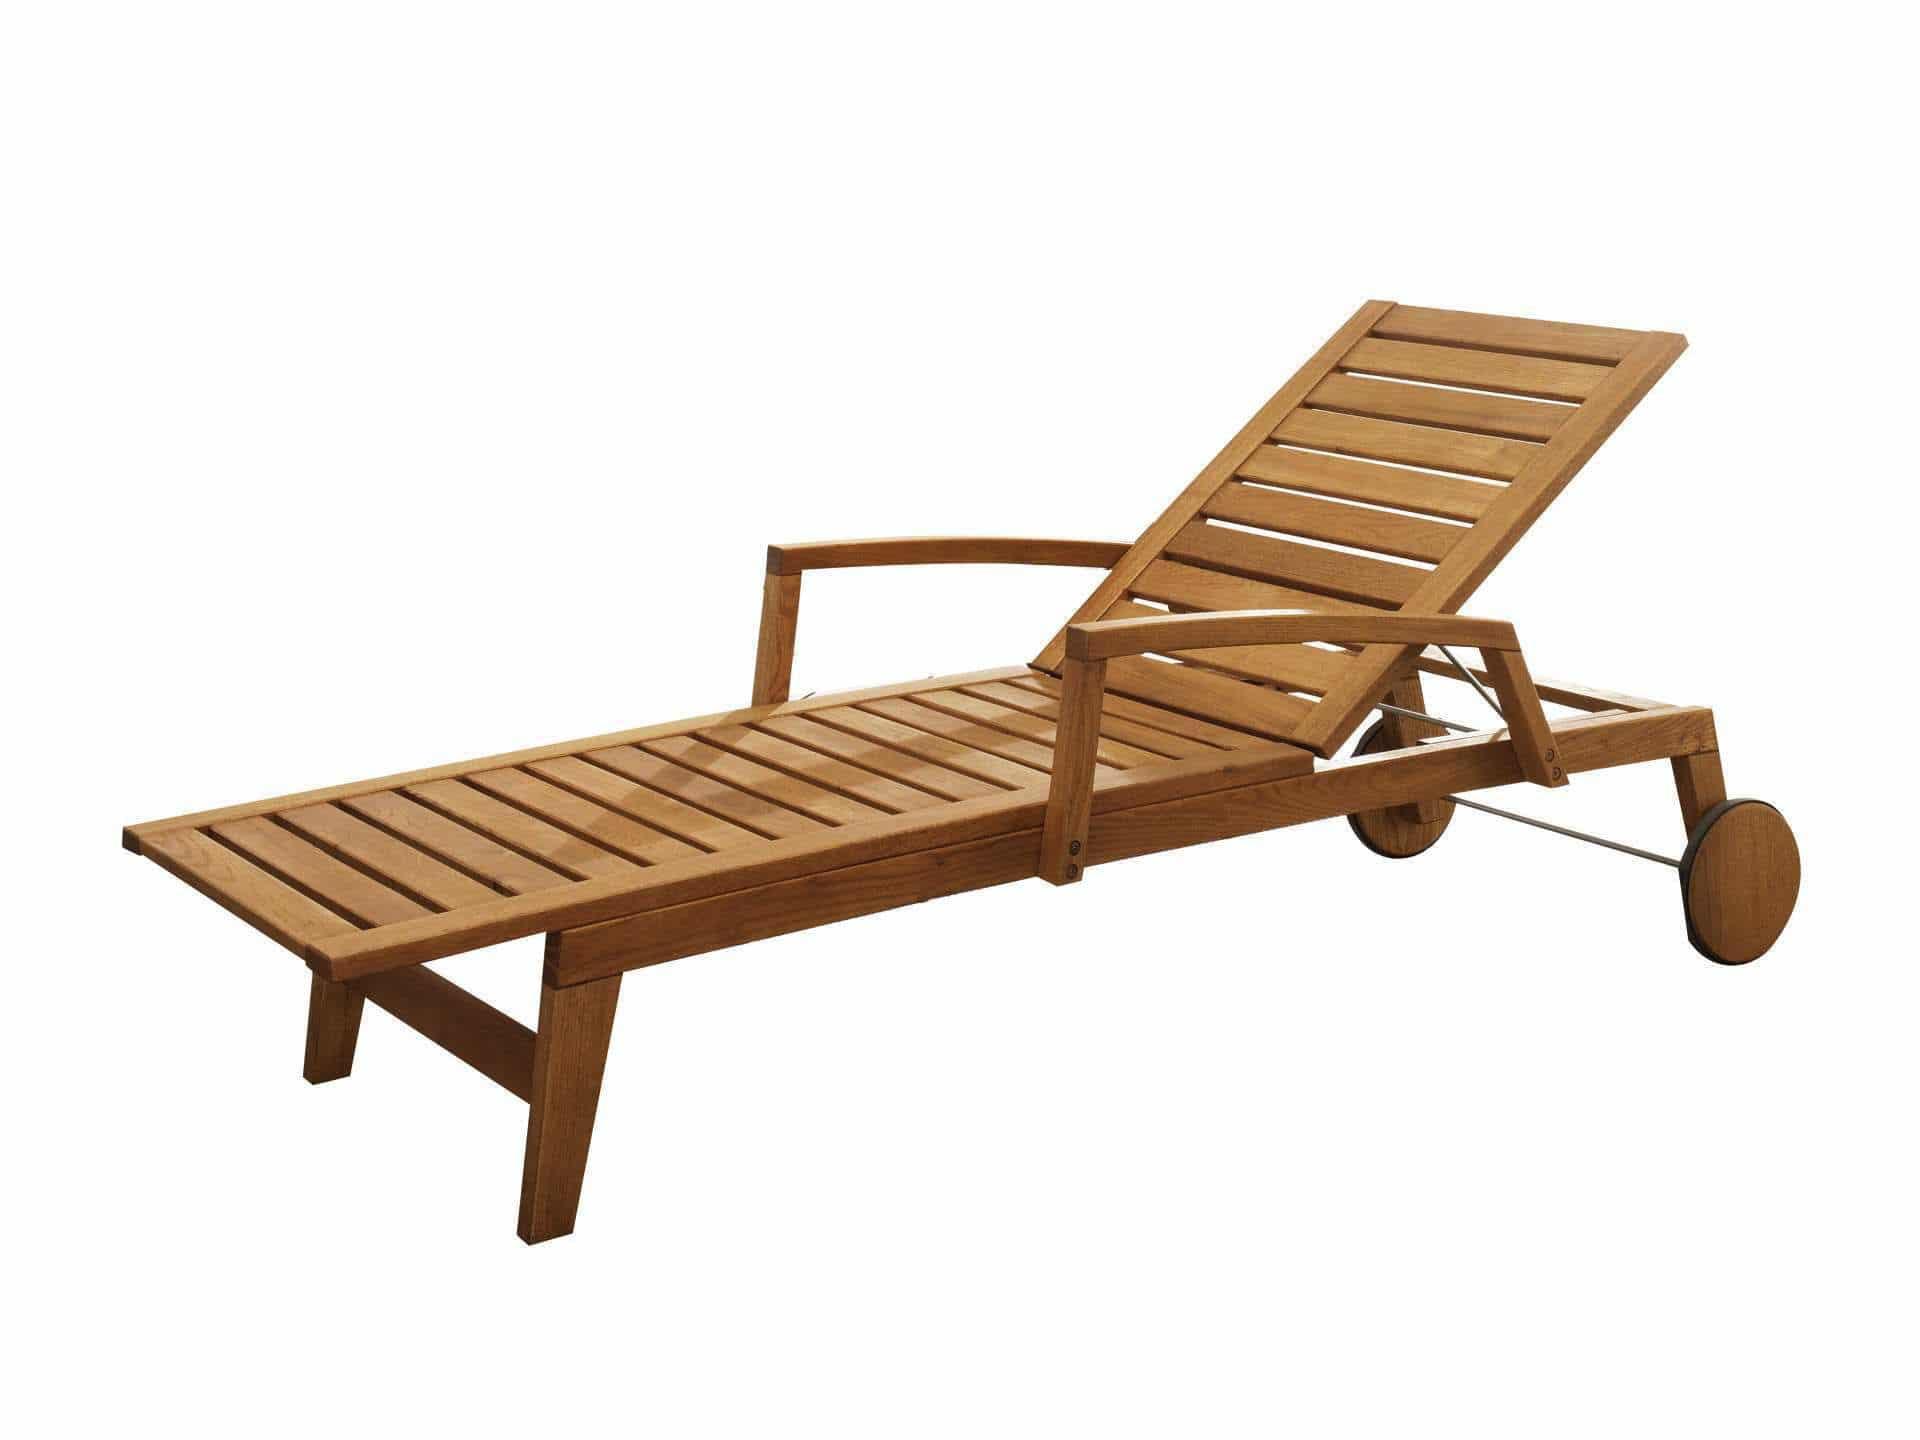 Sonnenliege holz  Moderne Sonnenliege / Holz / für den Garten / verstellbare Rücklehne ...